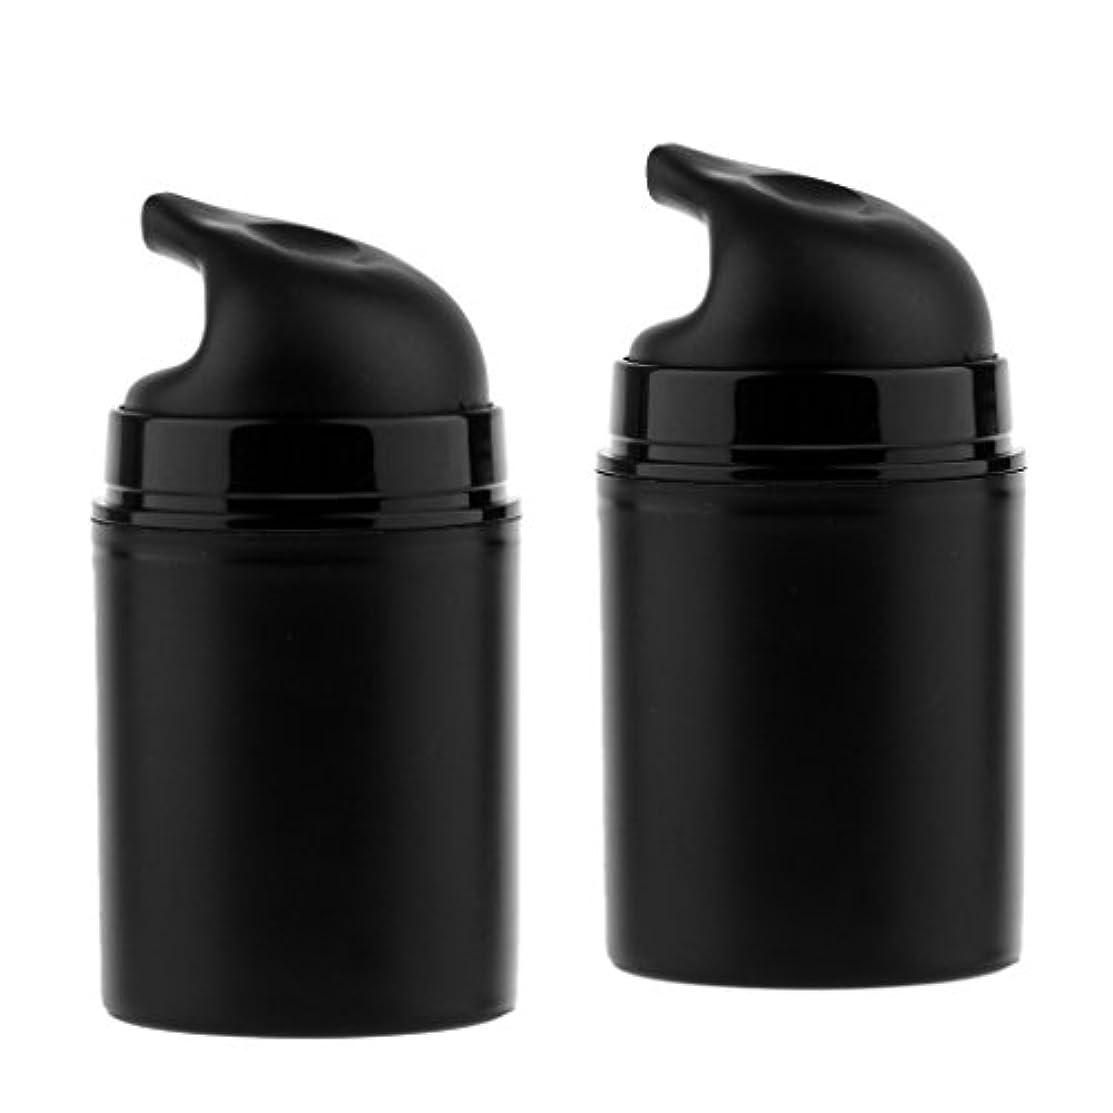 純度複製ドライブ2本 ポンプボトル 空ボトル ローション コスメ ティック クリームボトル エアレスポンプディスペンサー 50ml 2色選べる - ブラック